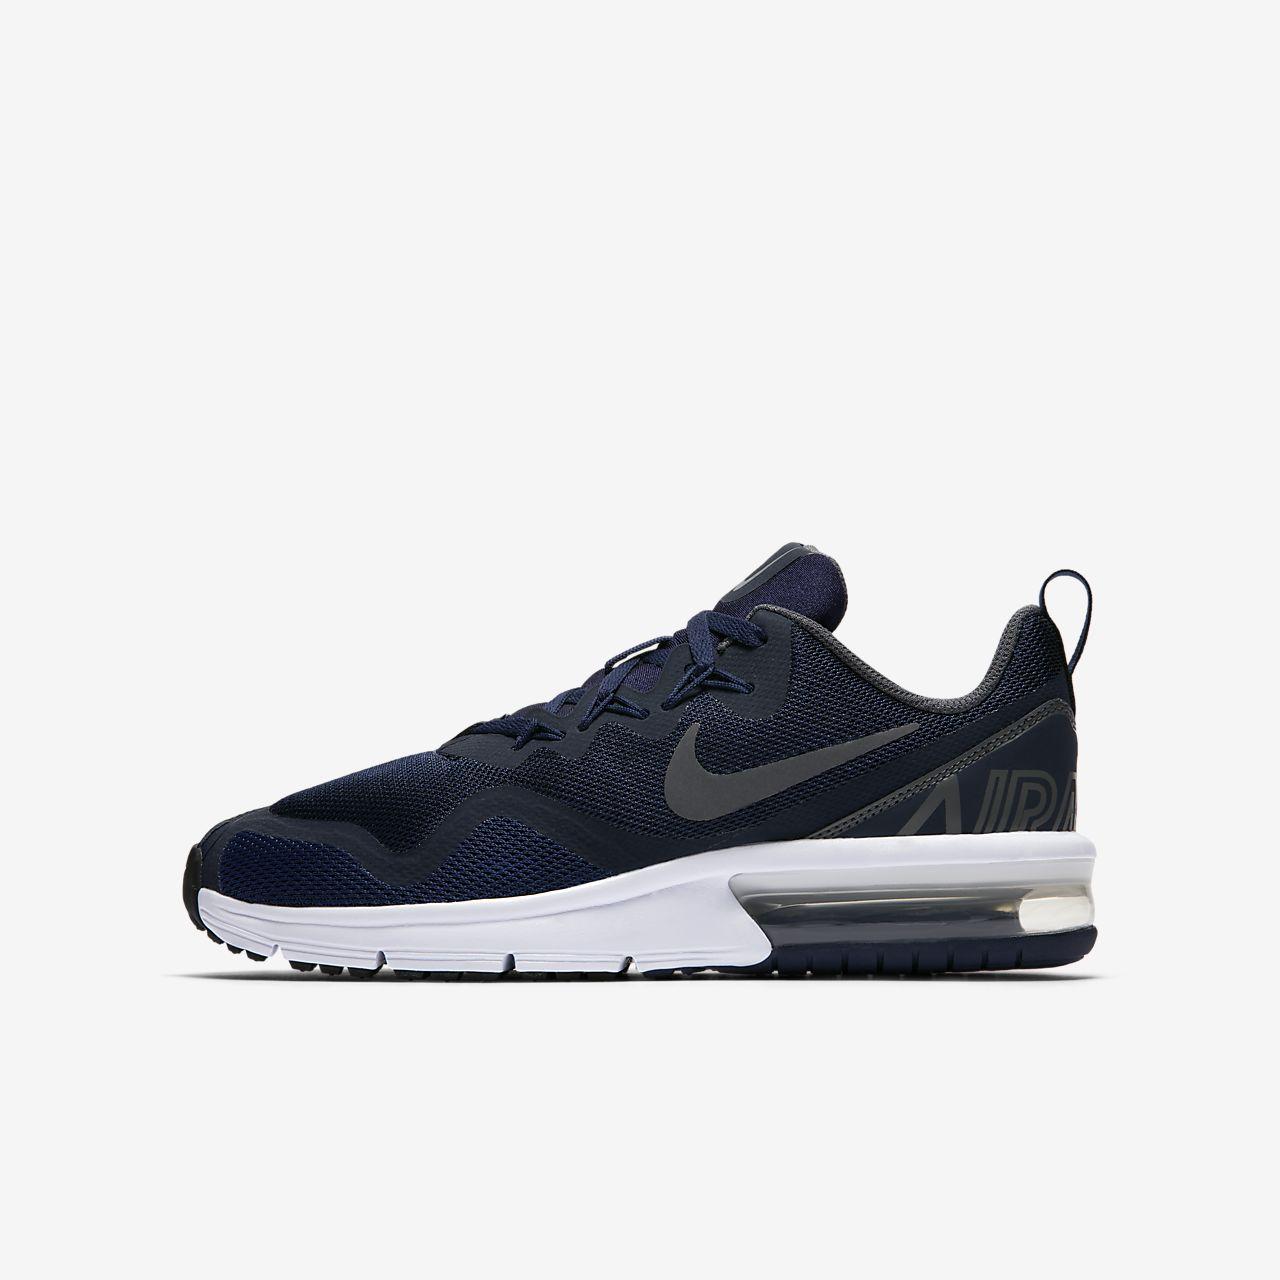 ... Nike Air Max Fury Older Kids' Running Shoe